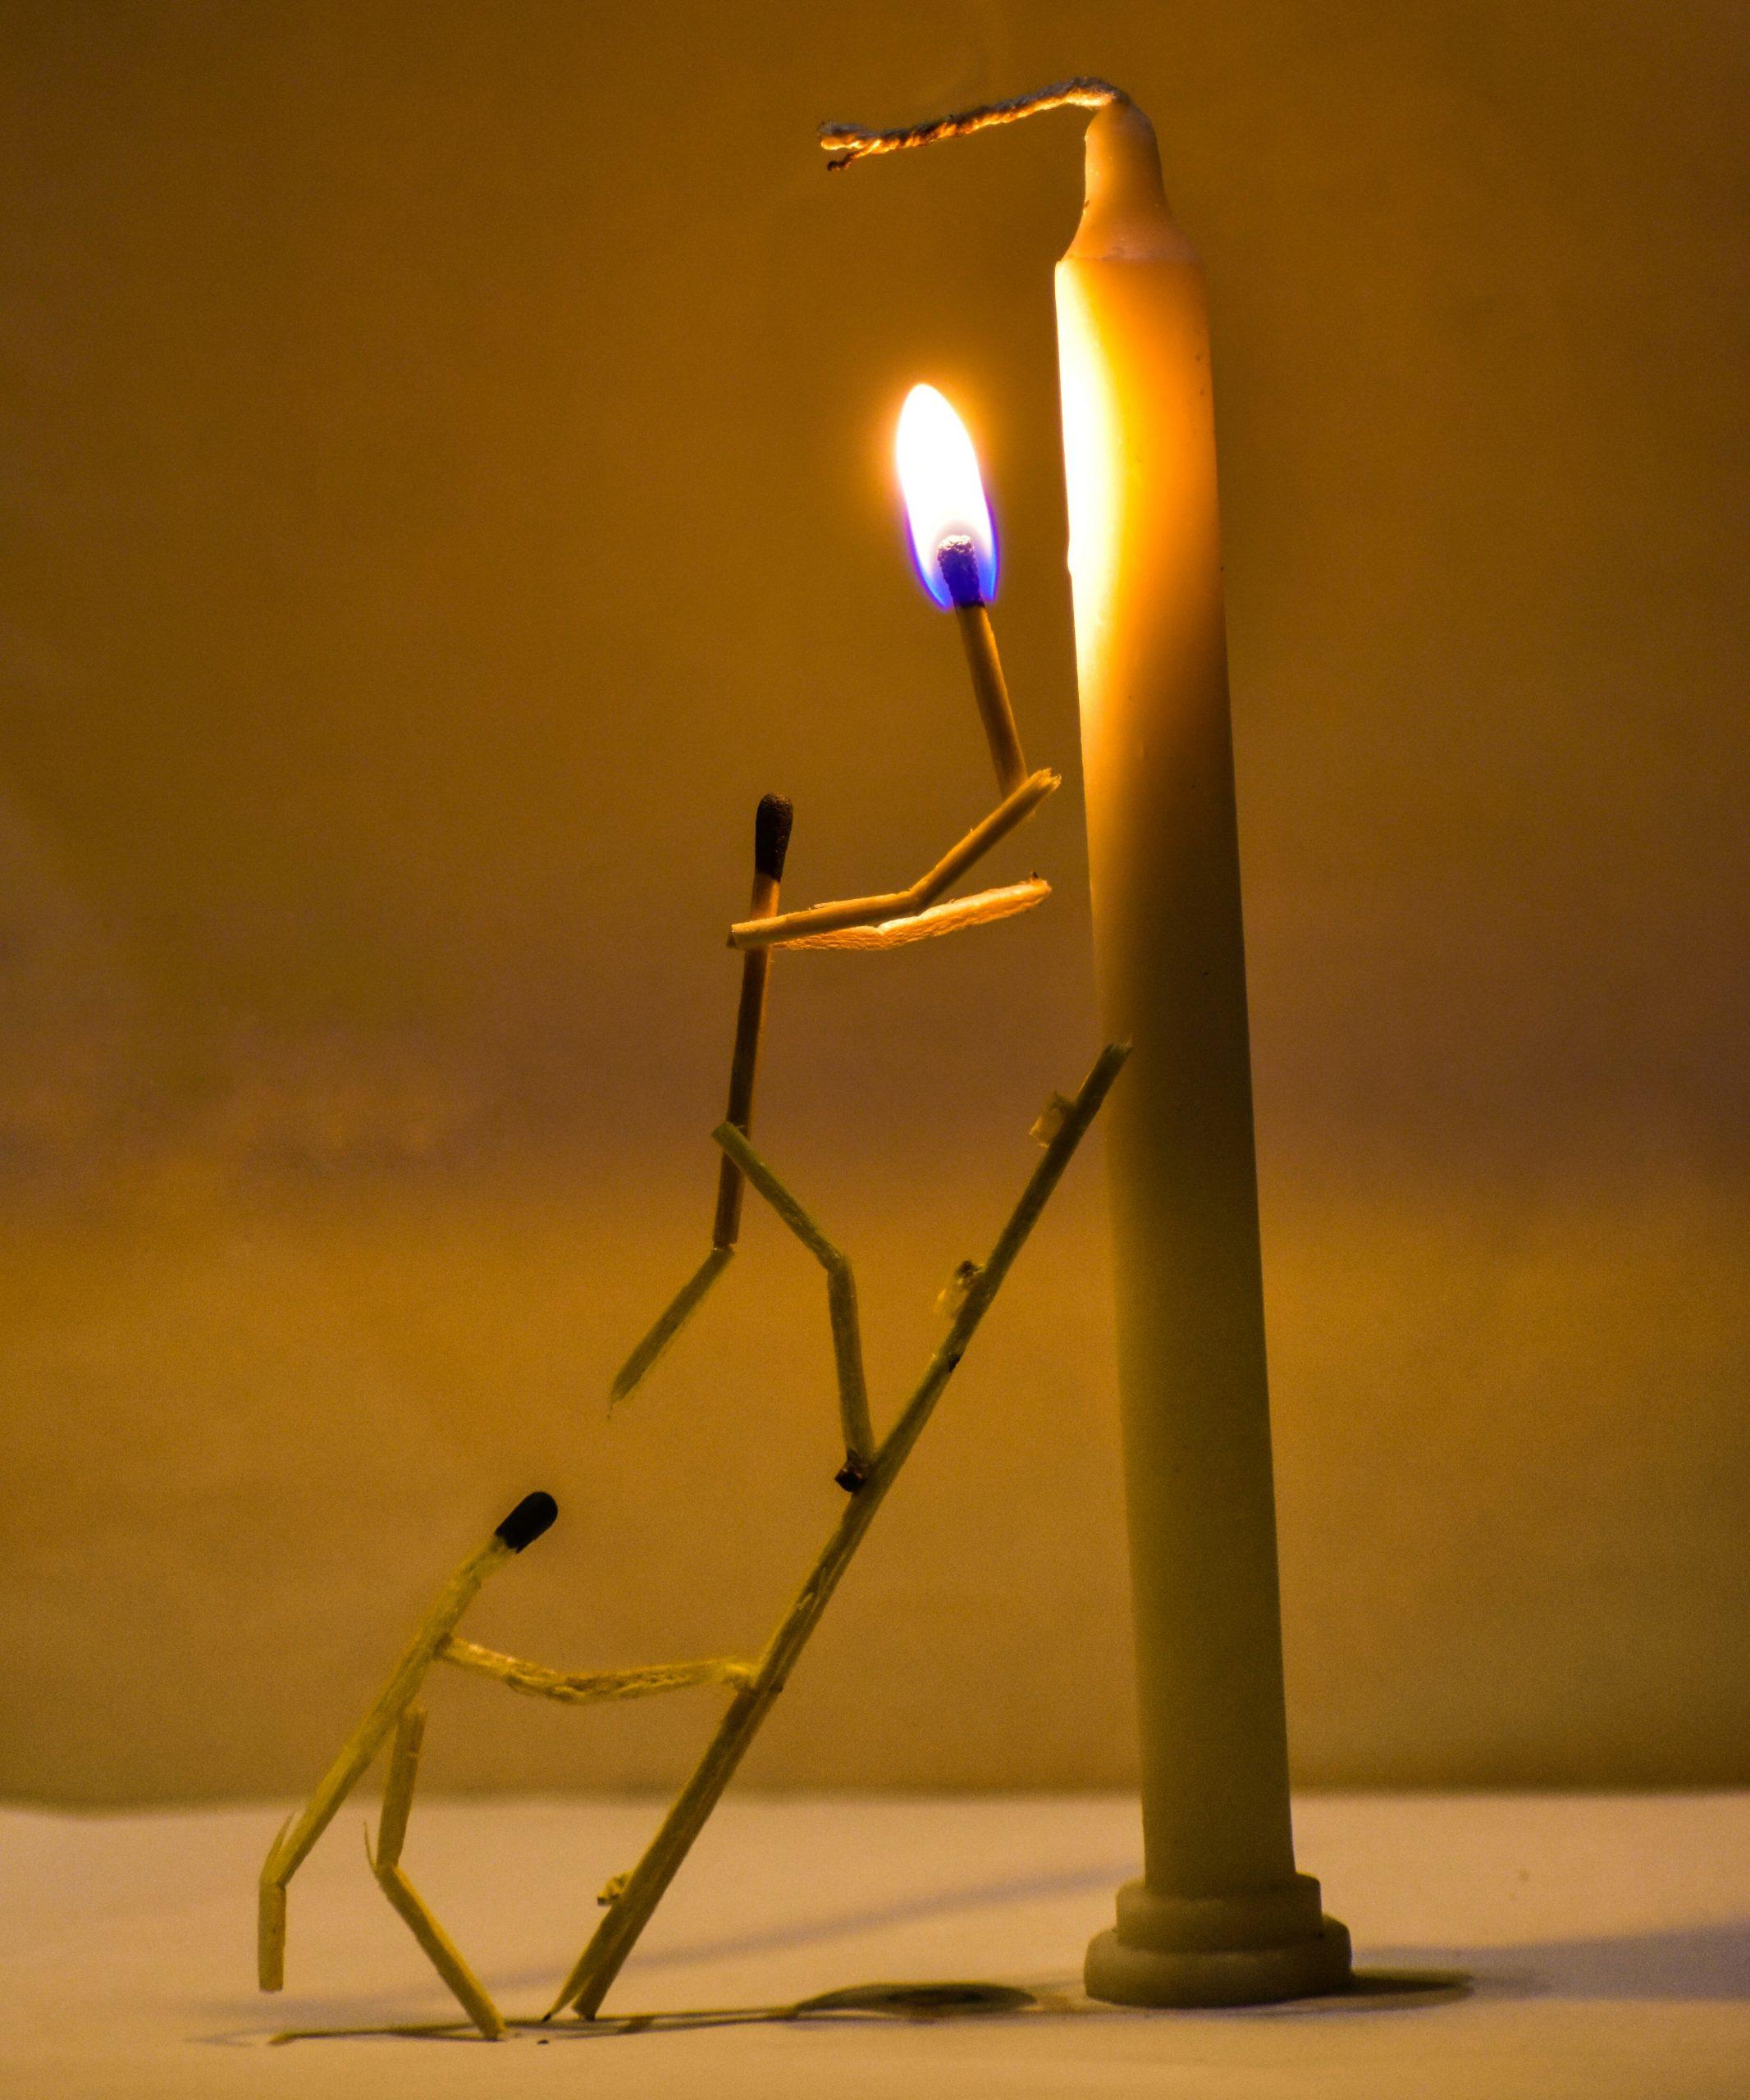 Lightening a candle through matchsticks